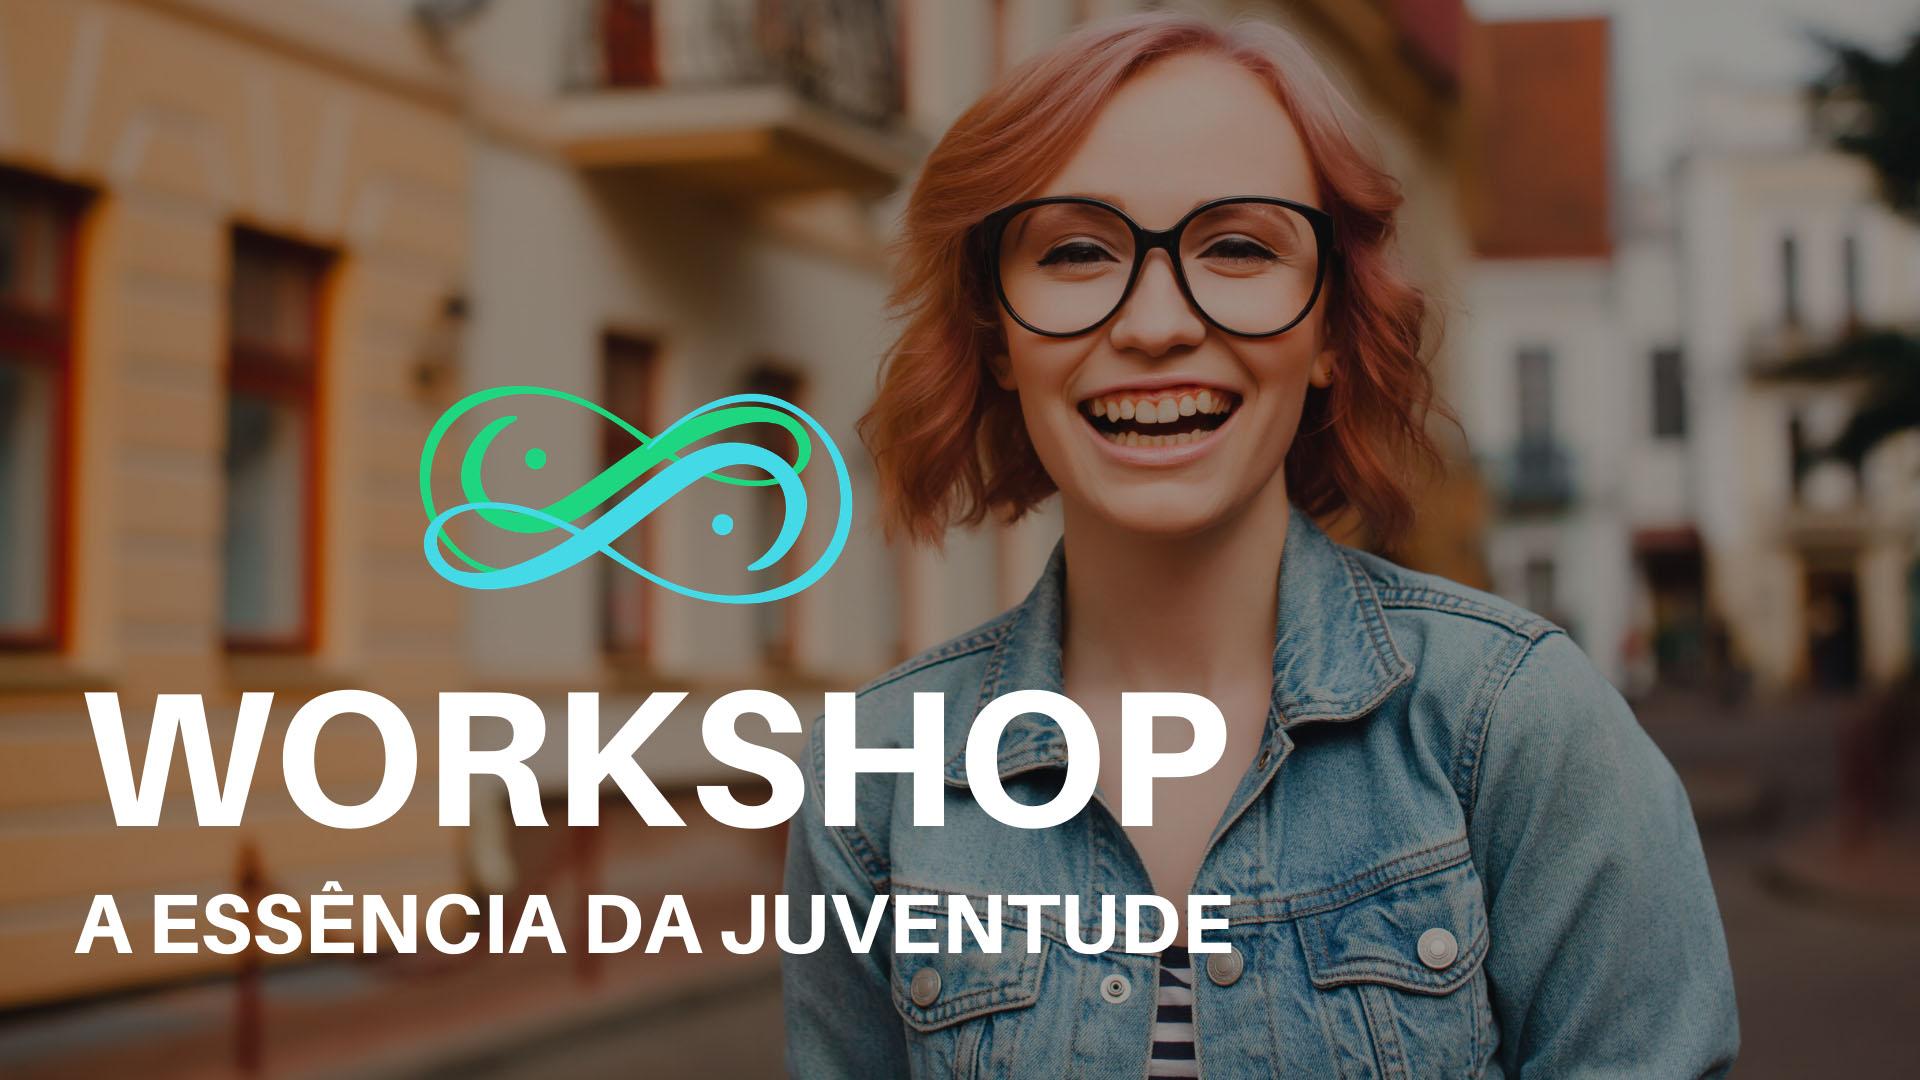 workshop essência da juventude